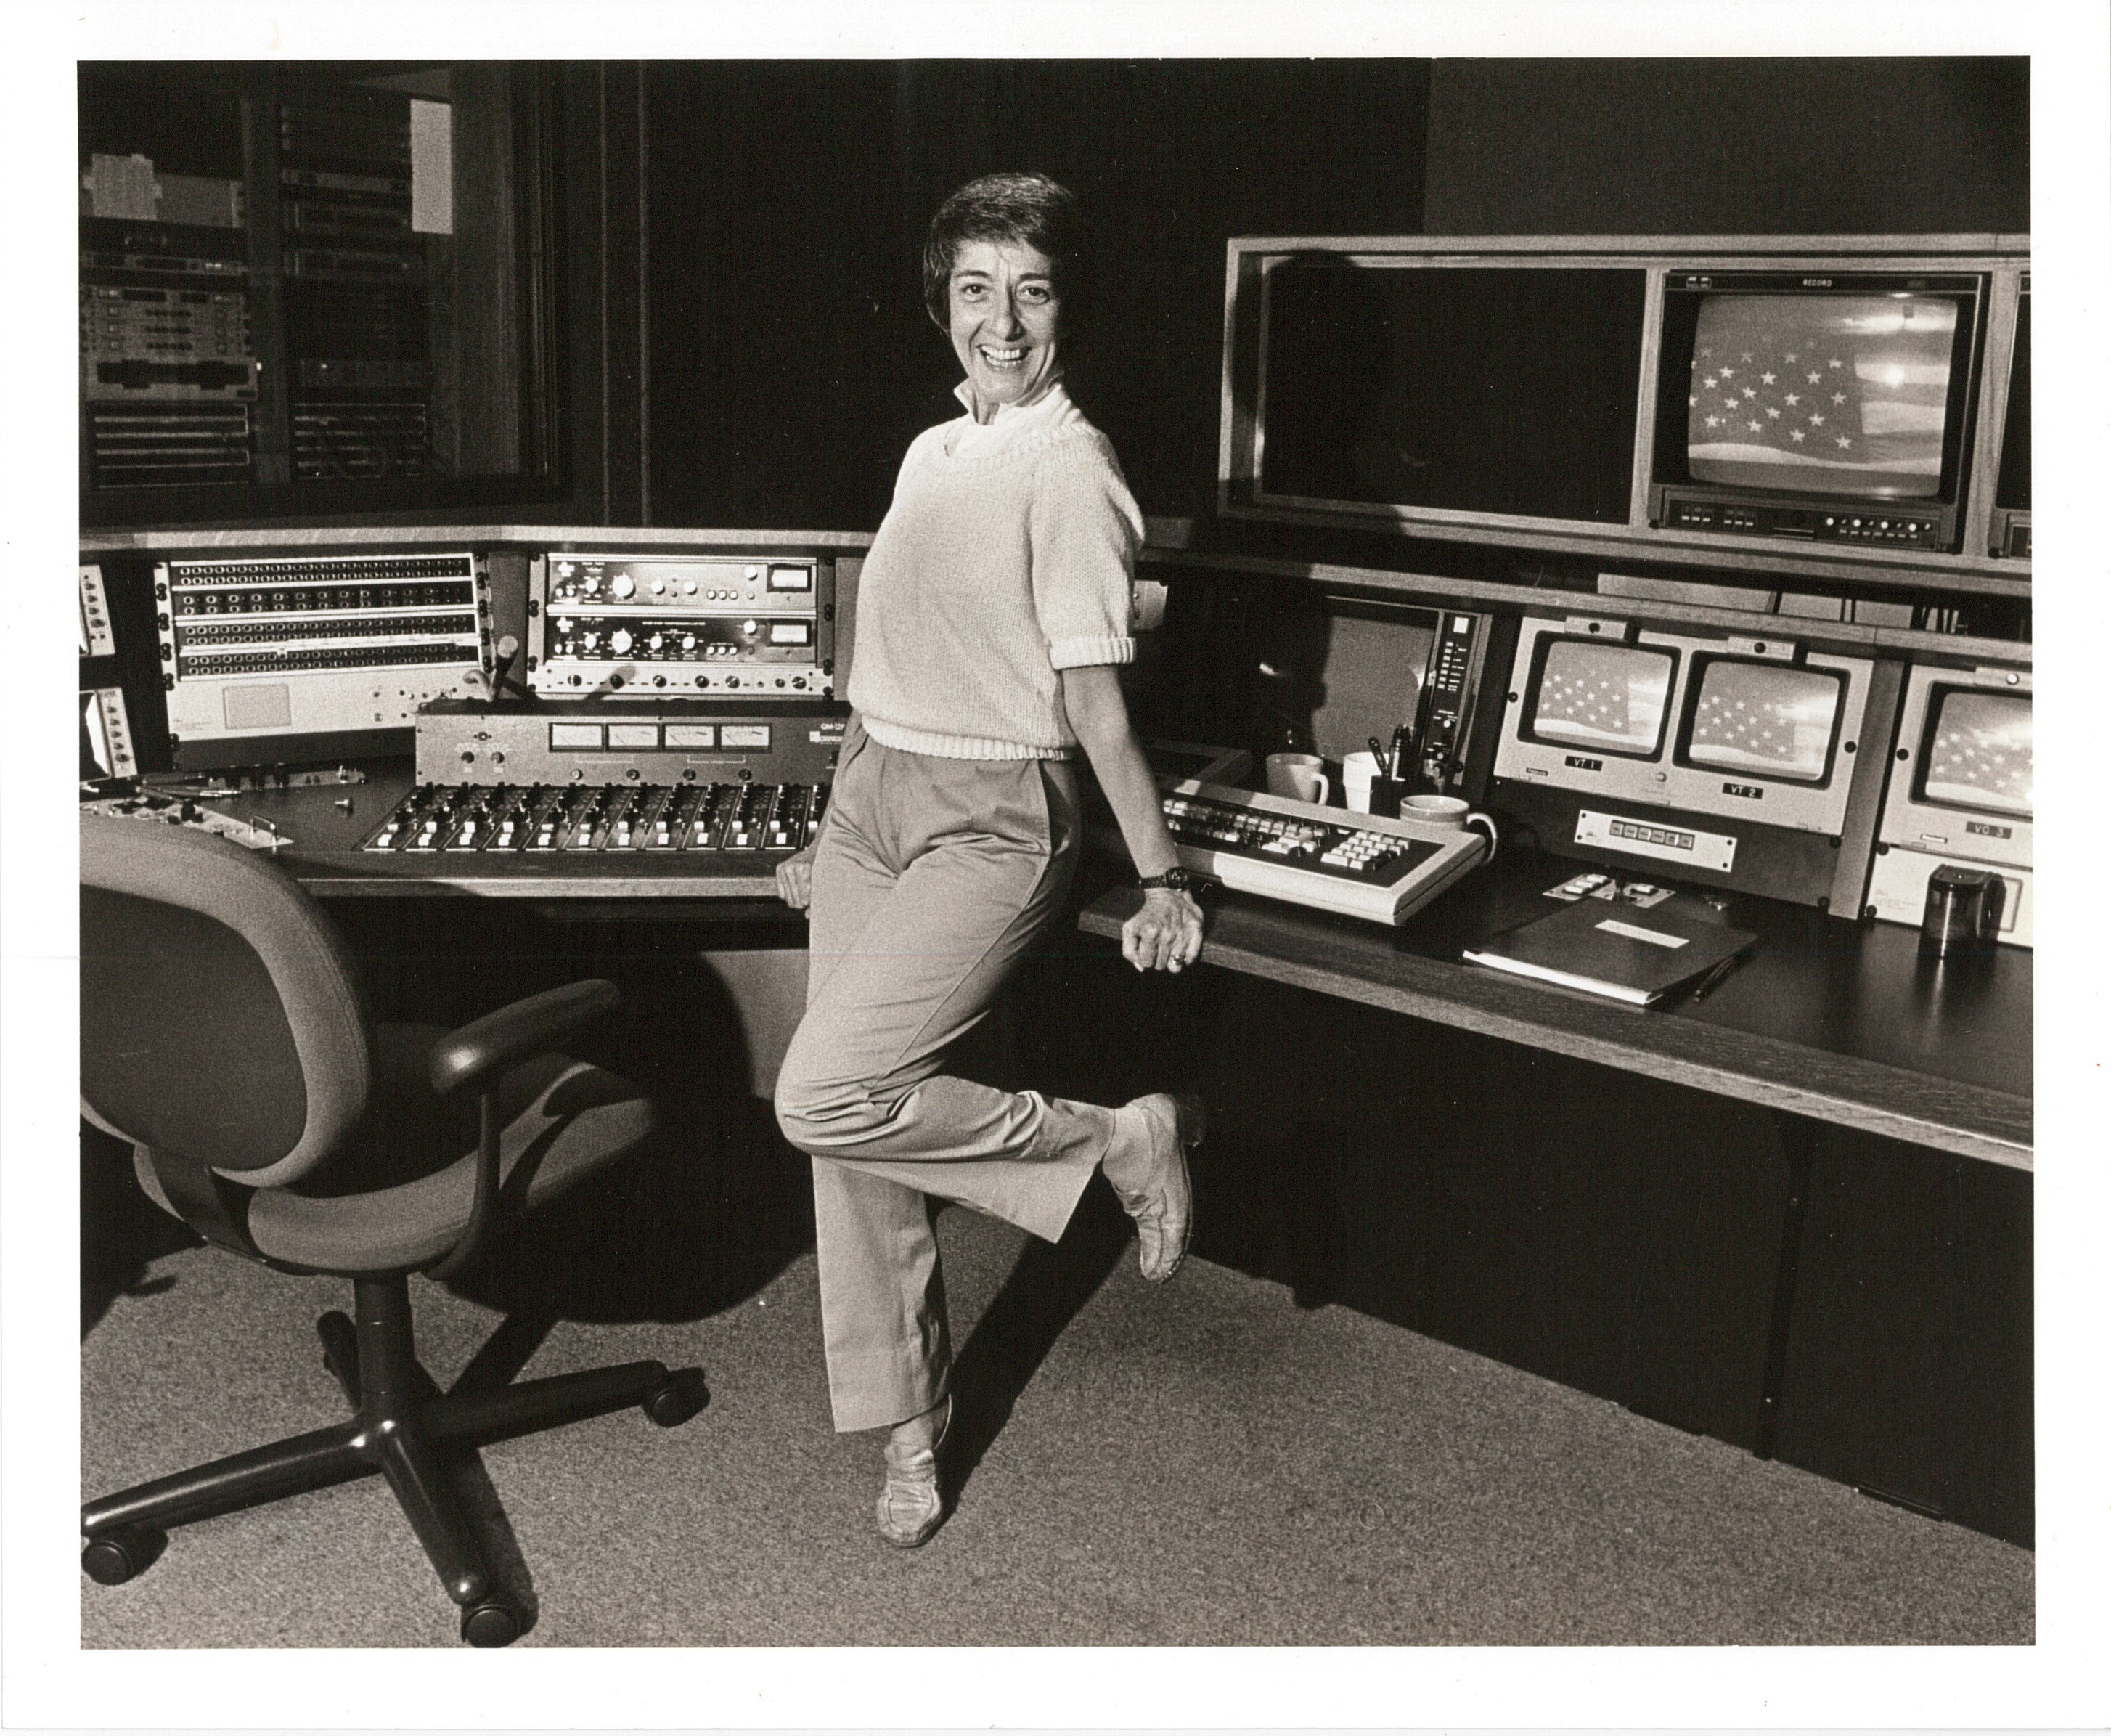 Photograph of Midge Costanza in a television studio